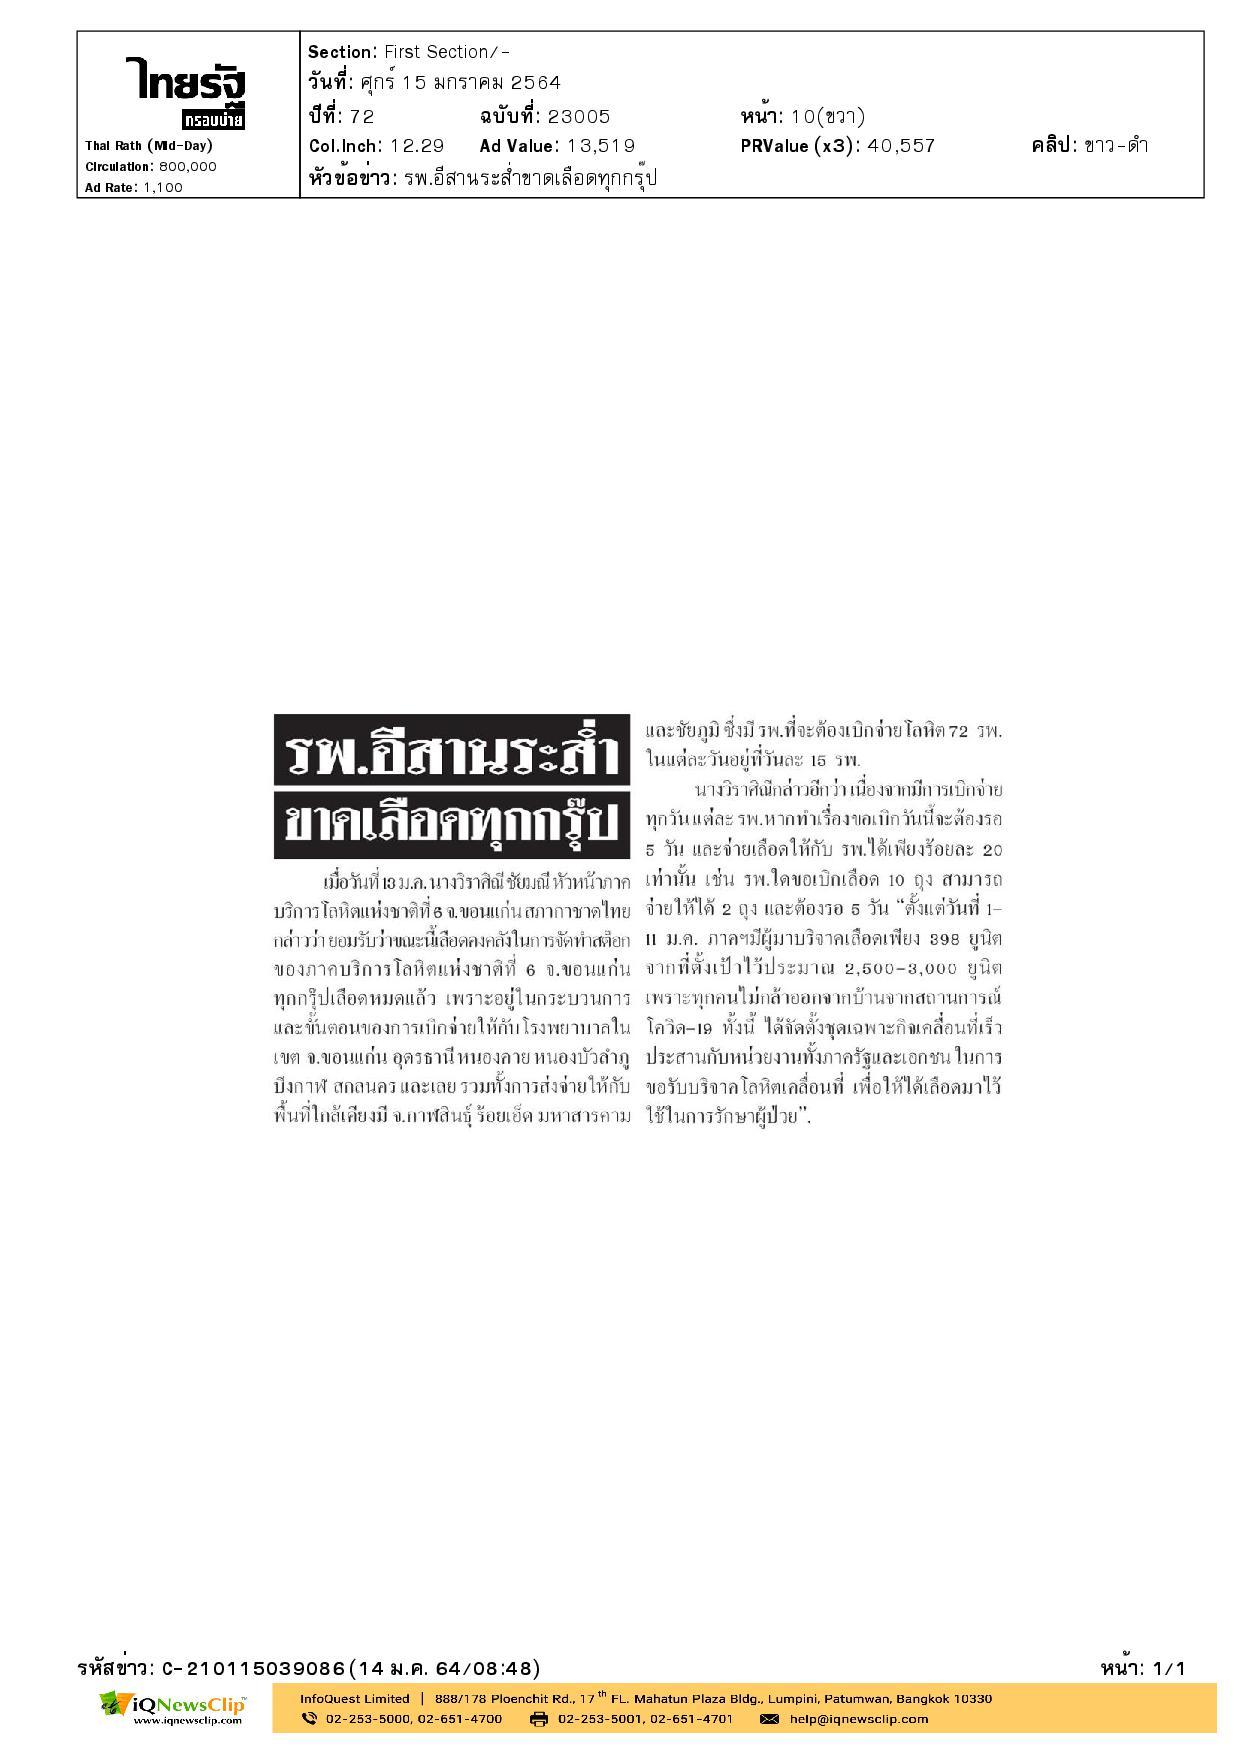 ภาคบริการโลหิตแห่งชาติที่ 6 จ.ขอนแก่น สภากาชาดไทย เปิดเผยสถานการณ์เลือดคงคลัง